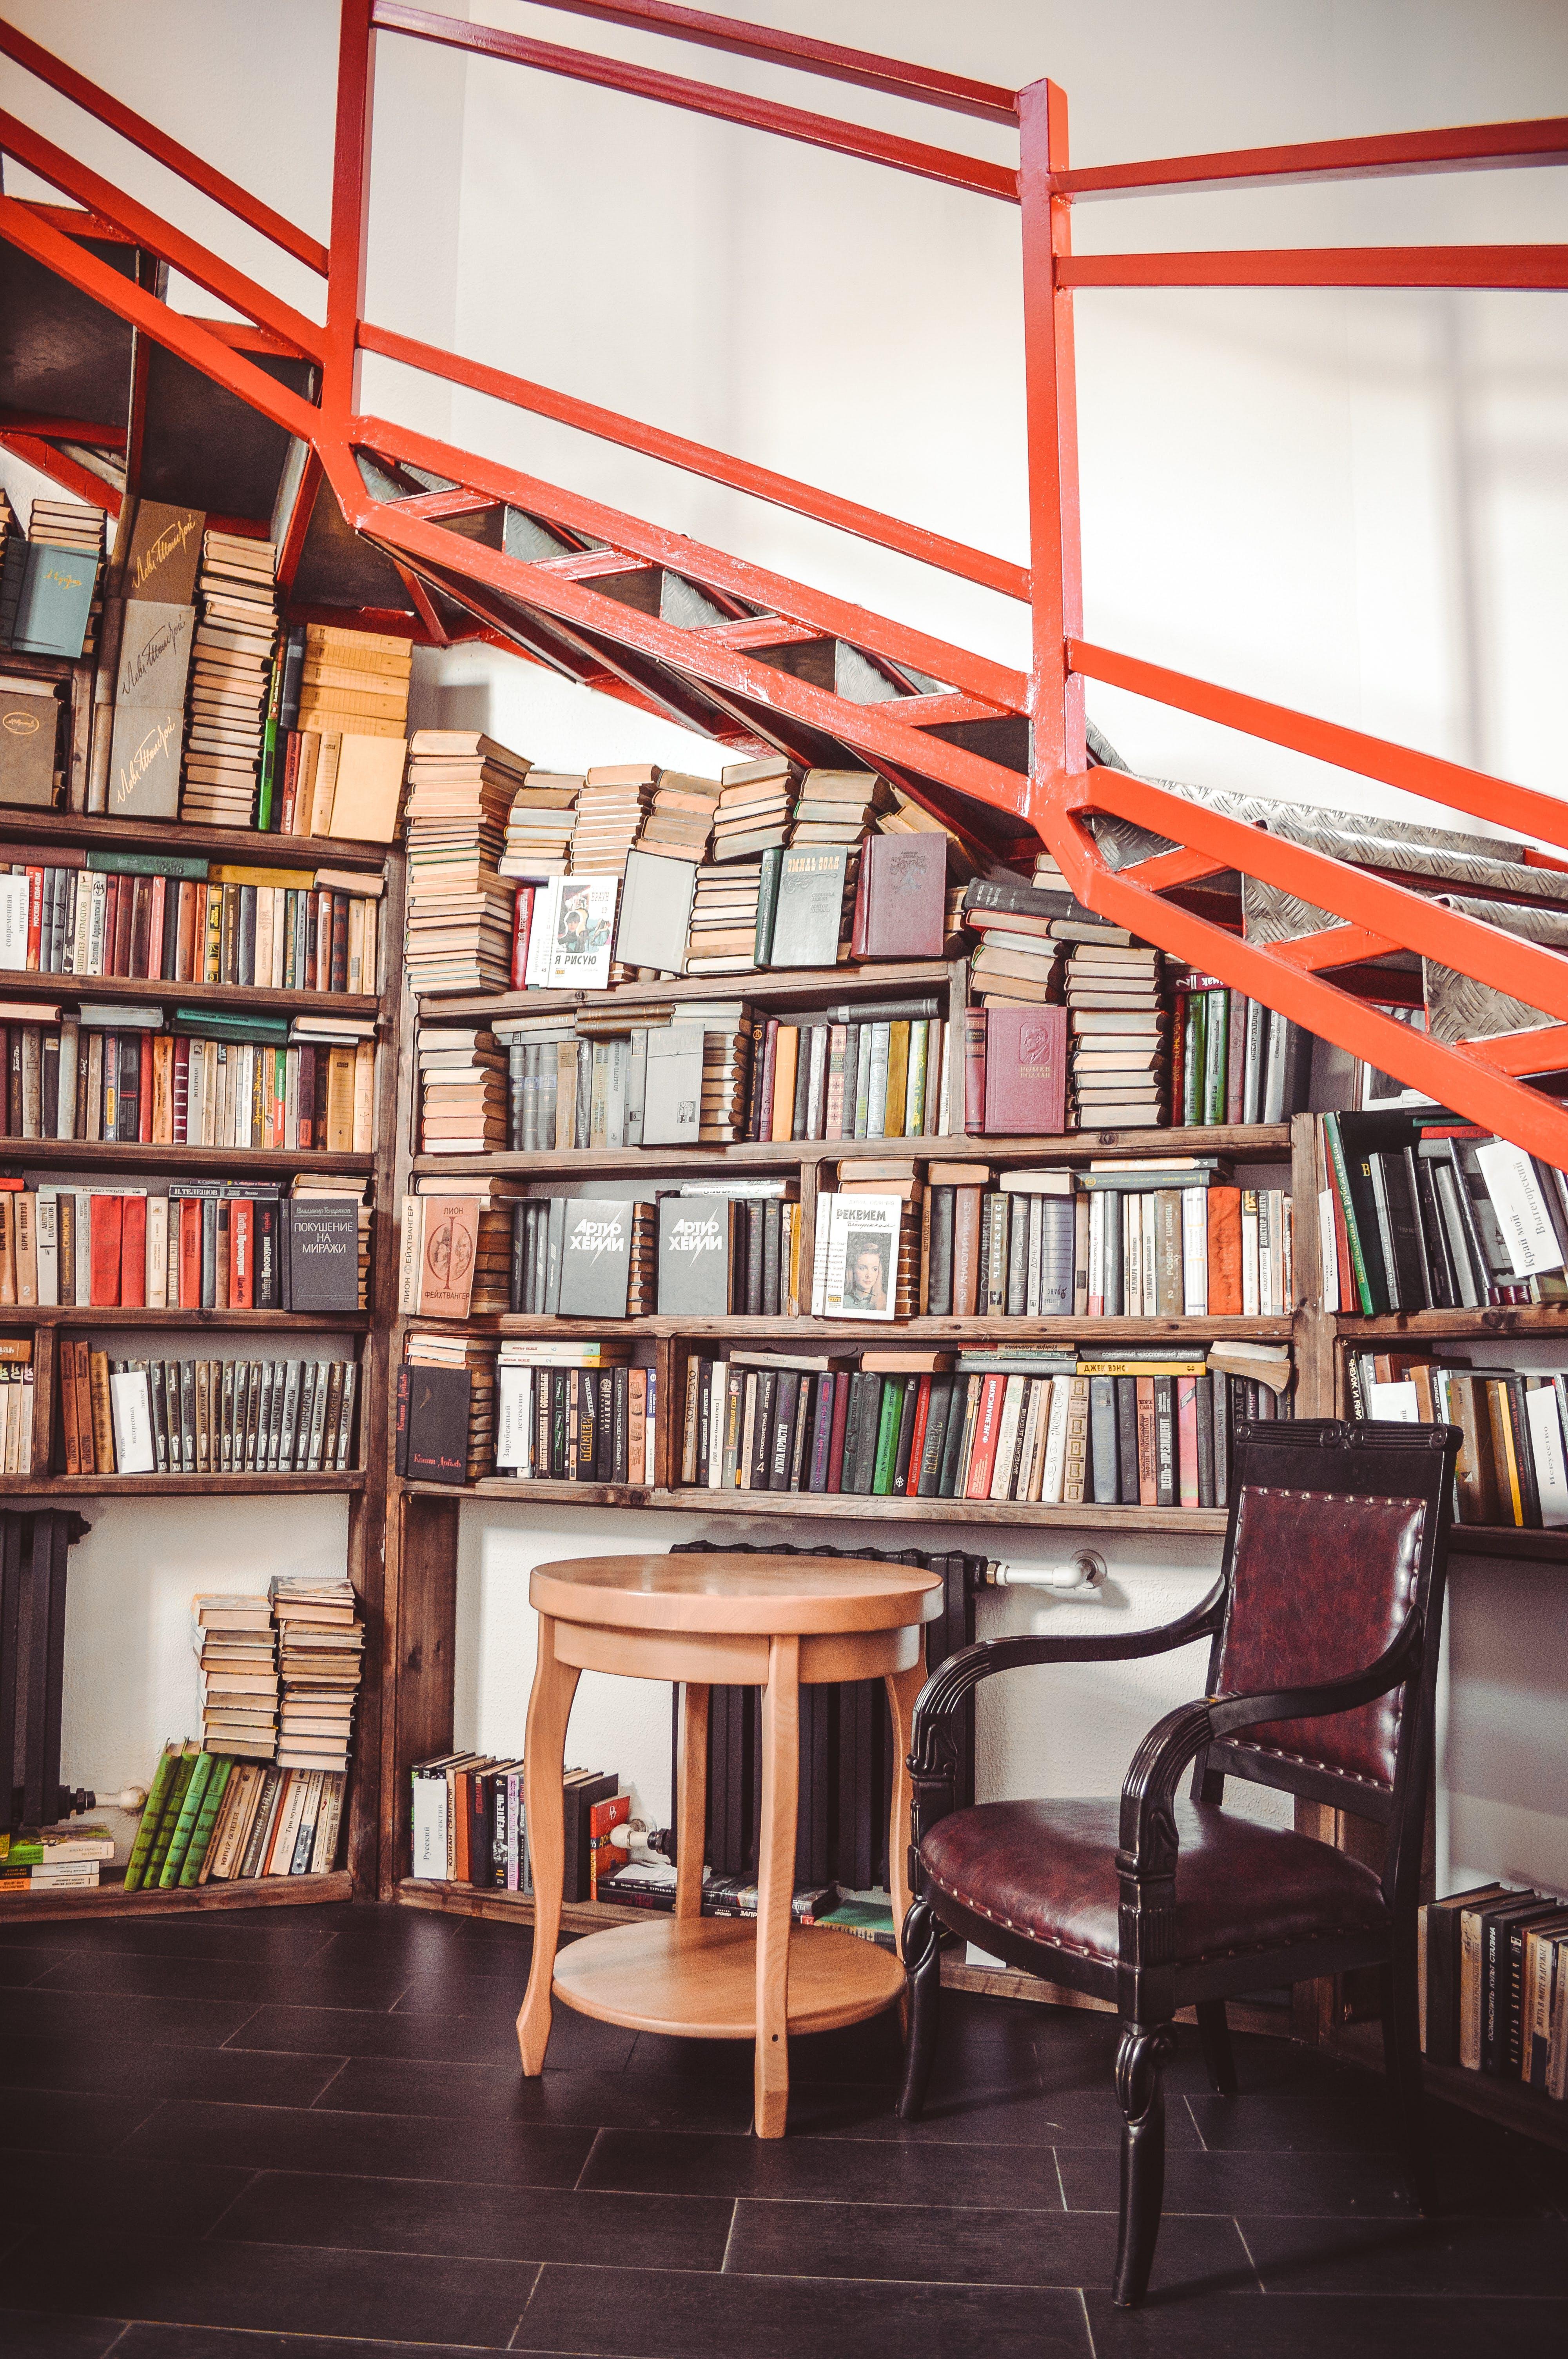 Book Lots on Wooden Shelf